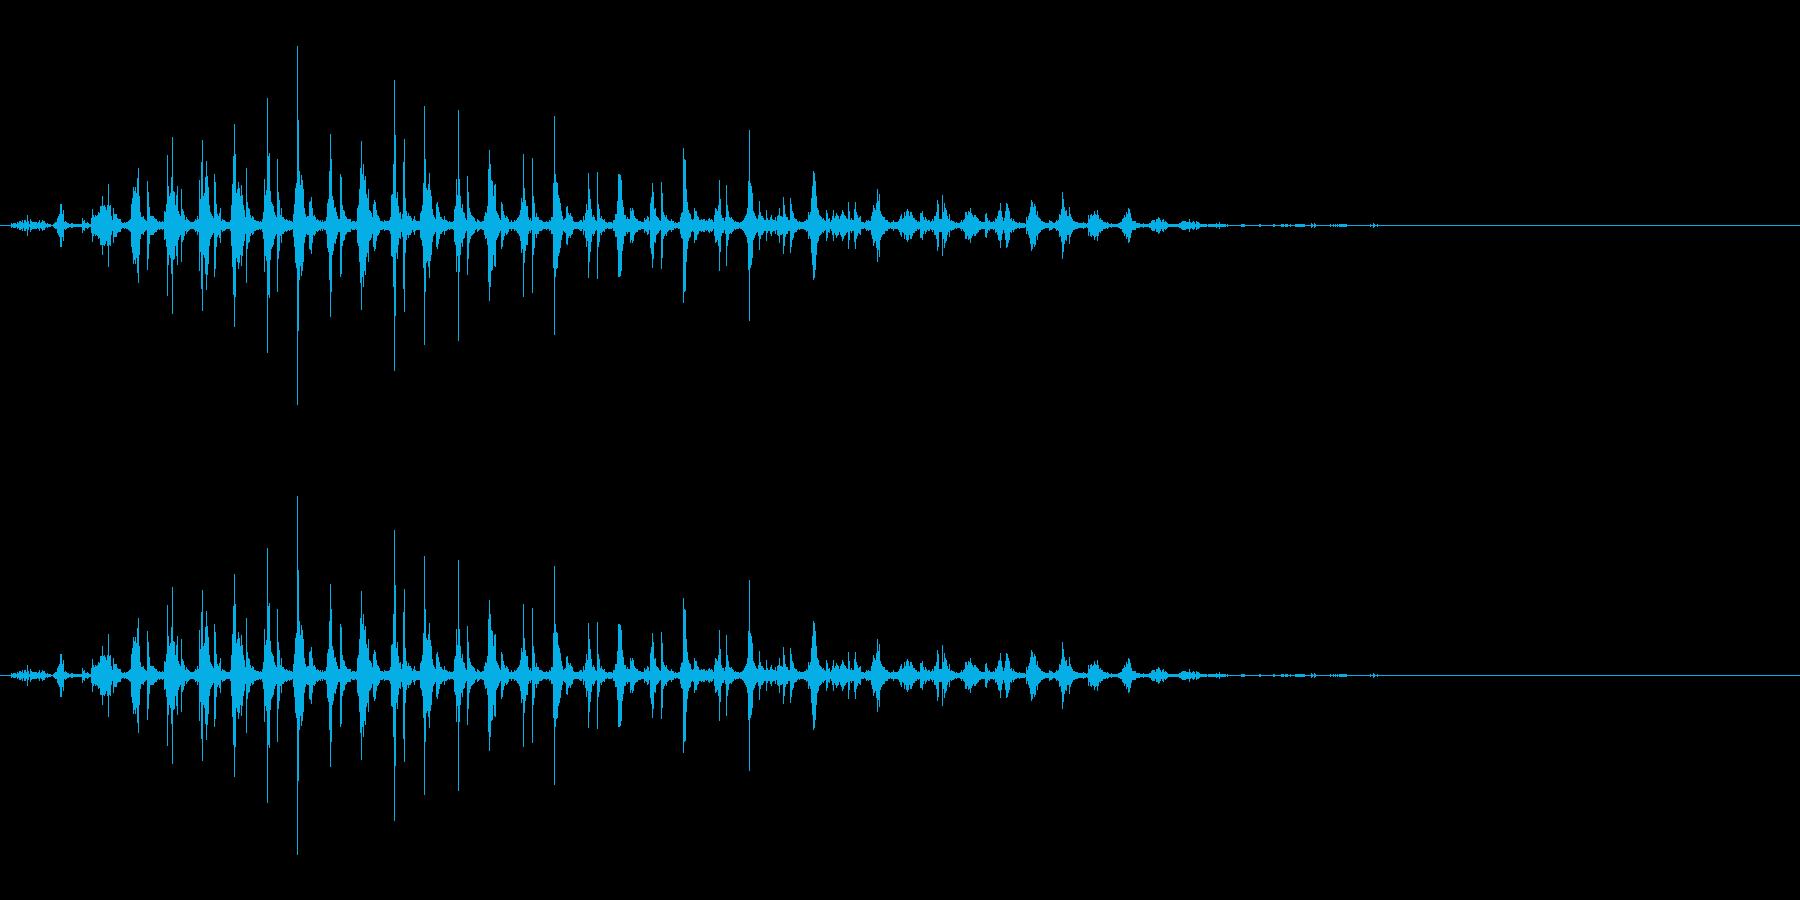 「パタパタパタ〜」鳥の羽ばたきの擬音の再生済みの波形